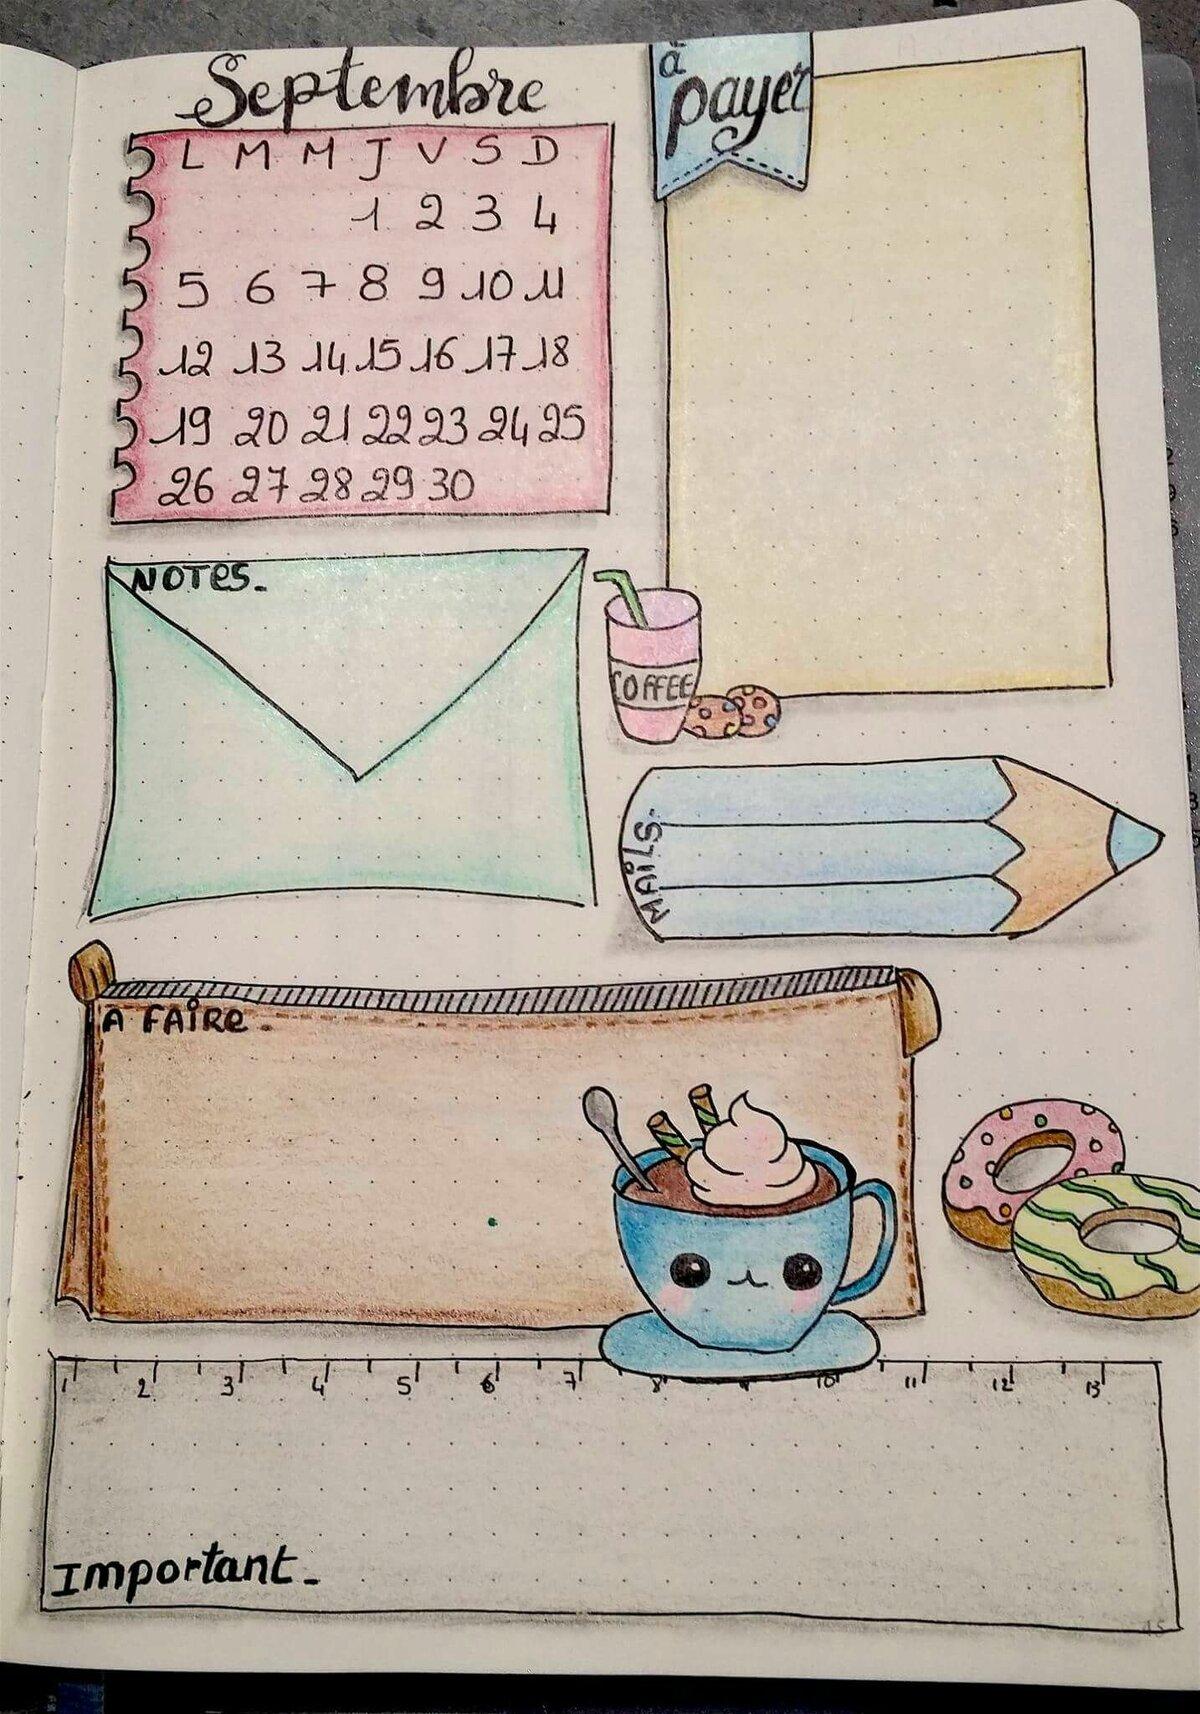 самое интересное, изображение личный дневник картинки пансионата